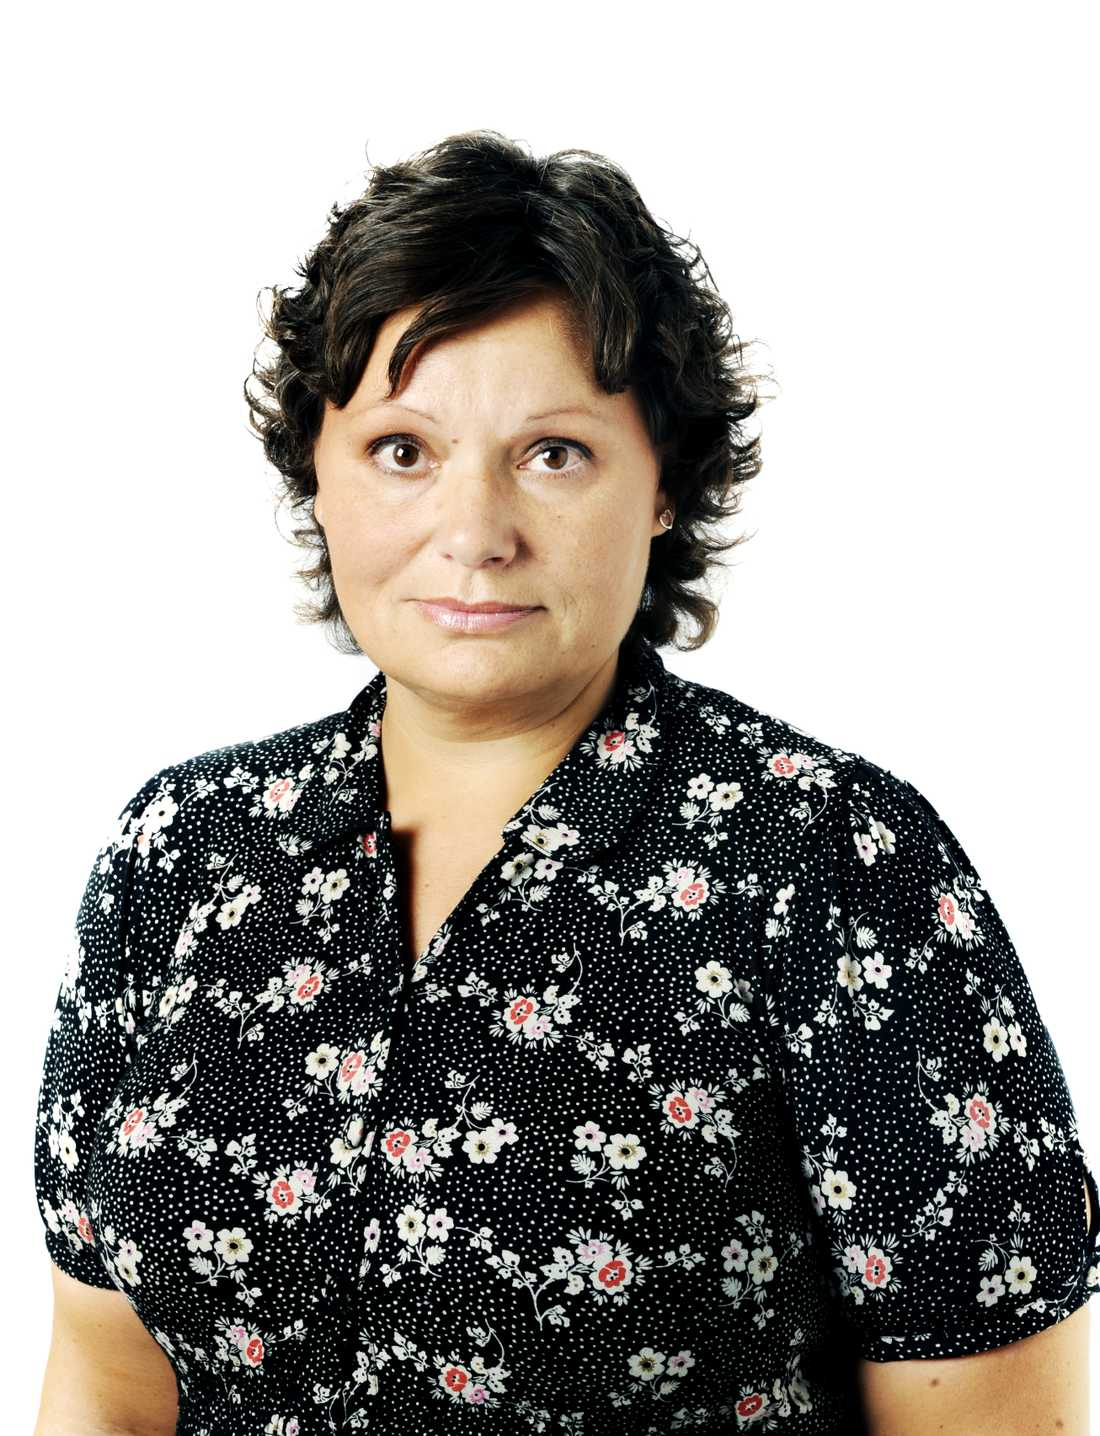 Anette Holmqvist, reporter på Aftonbladet.